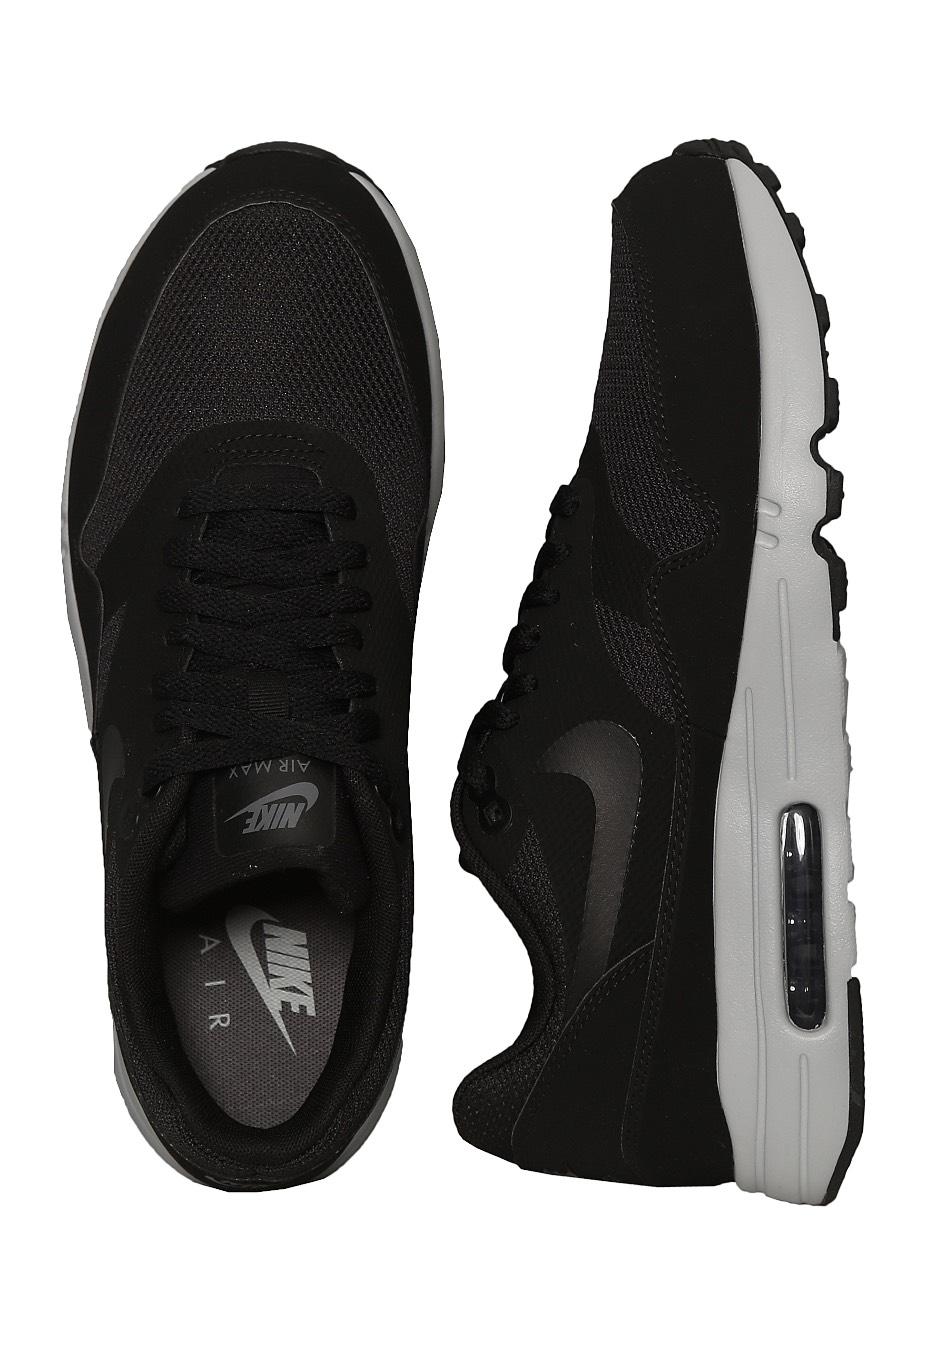 3951f53dc97 Nike - Air Max 1 Ultra 2.0 Essential Black Black Wolf Grey Dark Grey - Shoes  - Impericon.com US